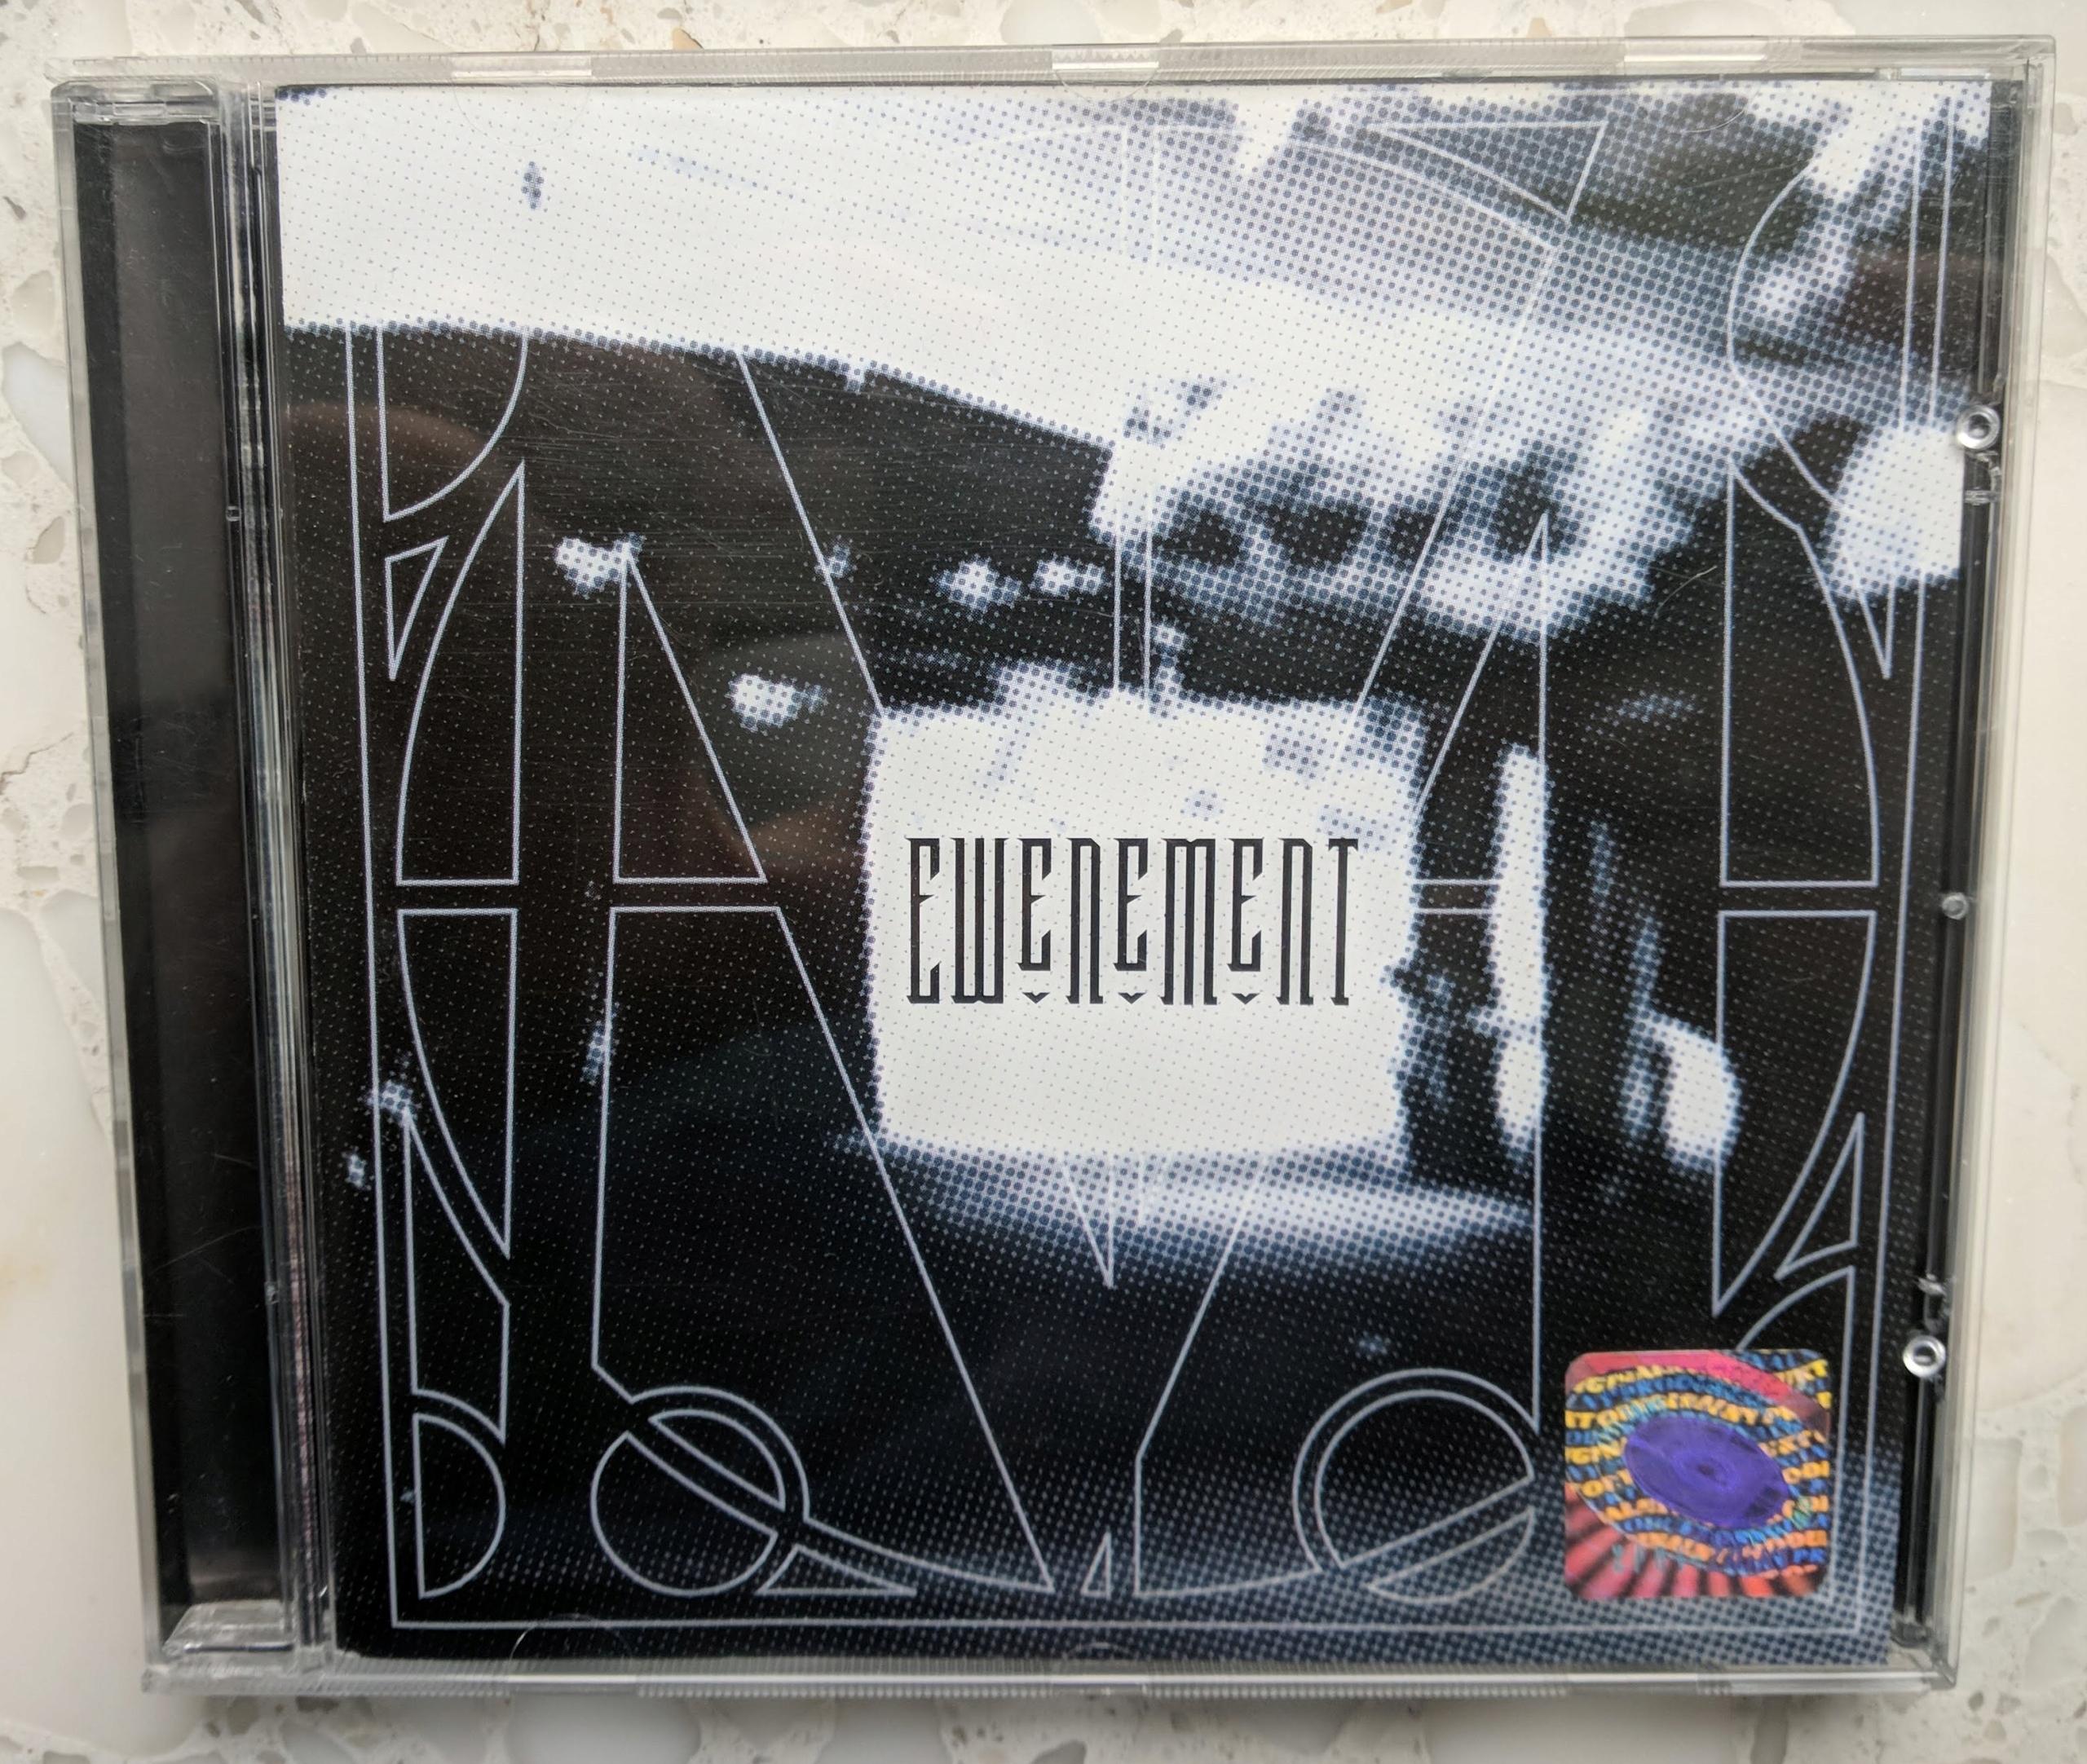 Molesta - EWENEMENT 1 WYDANIE 1999 Unikat